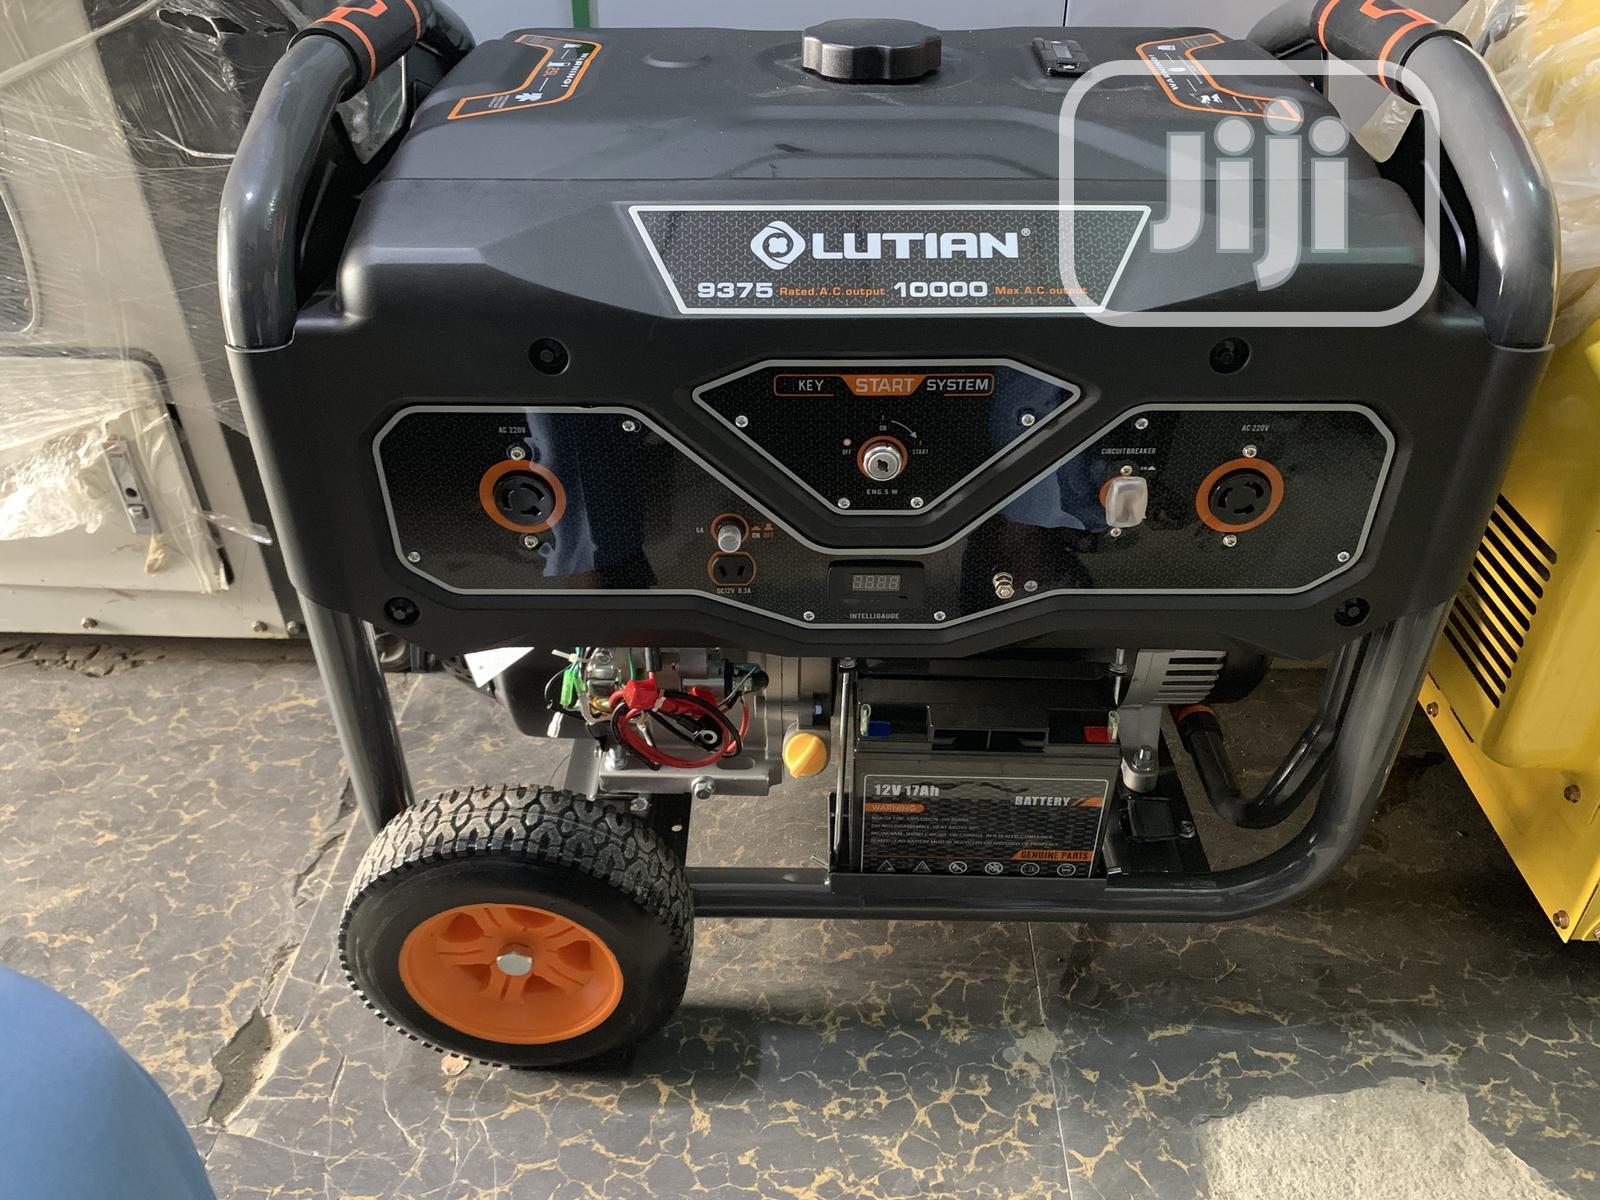 New Model Lutian Petrol Low Noise Generator 10 Kva